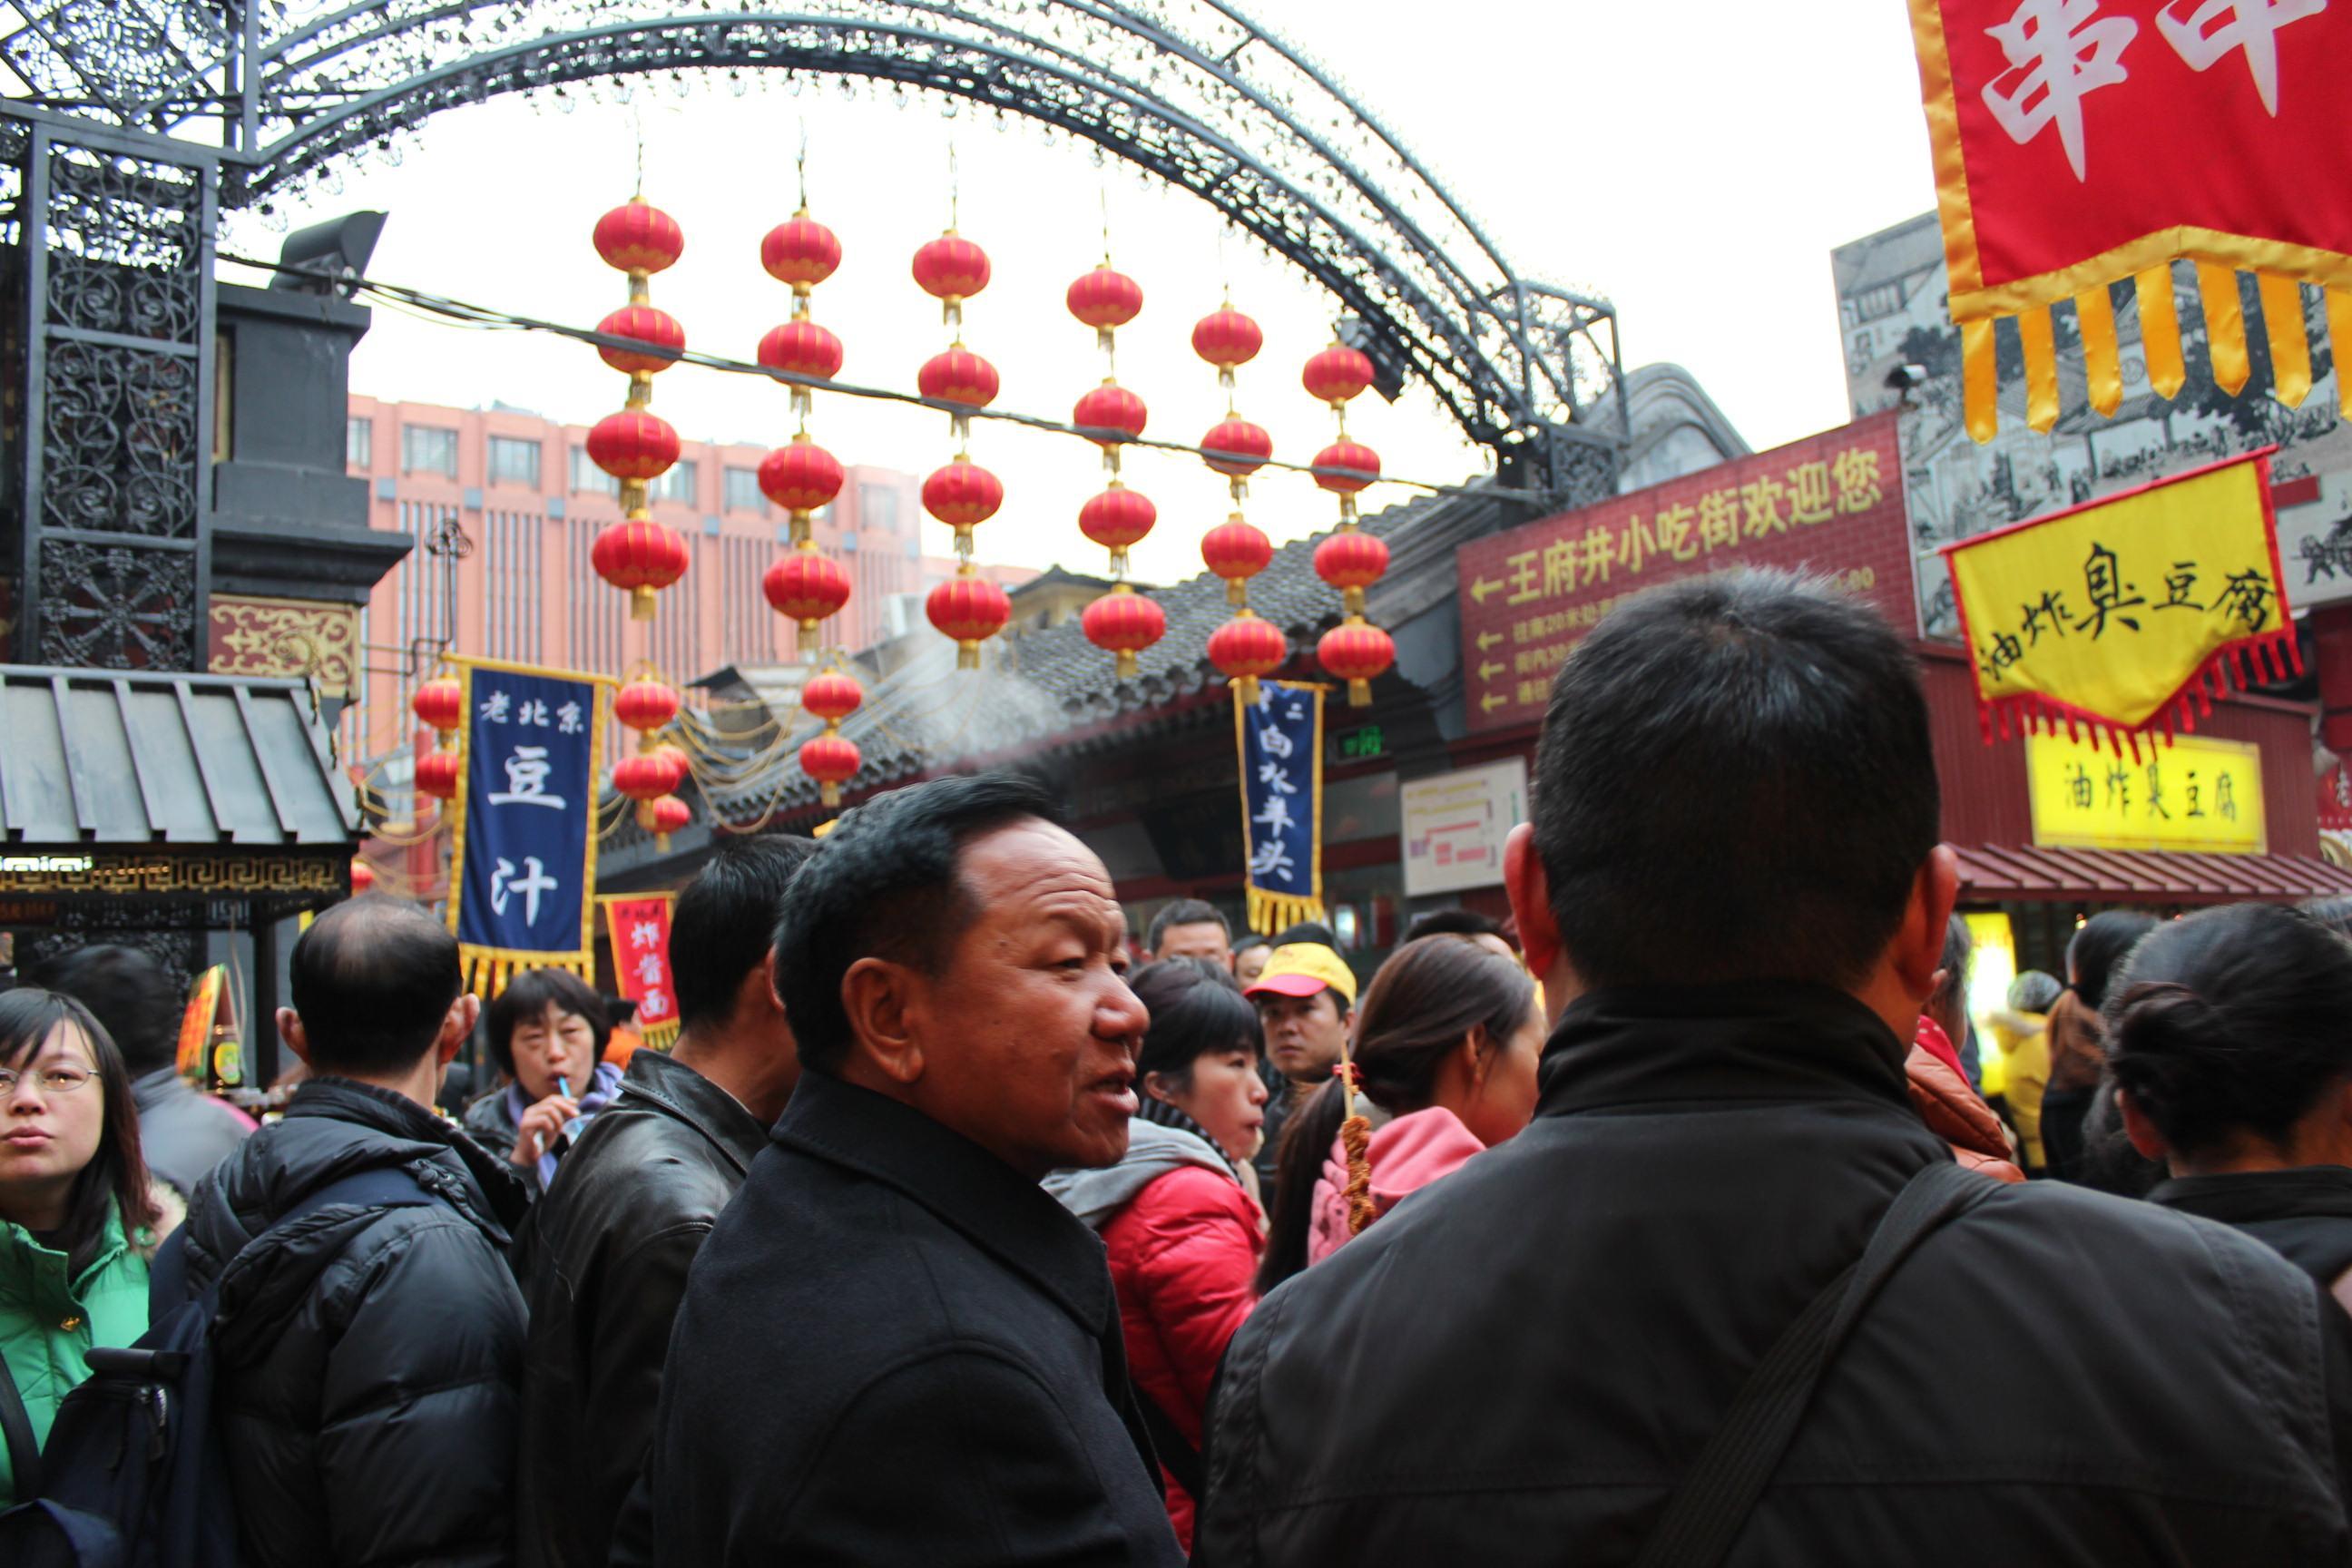 пекин весной март фотографии